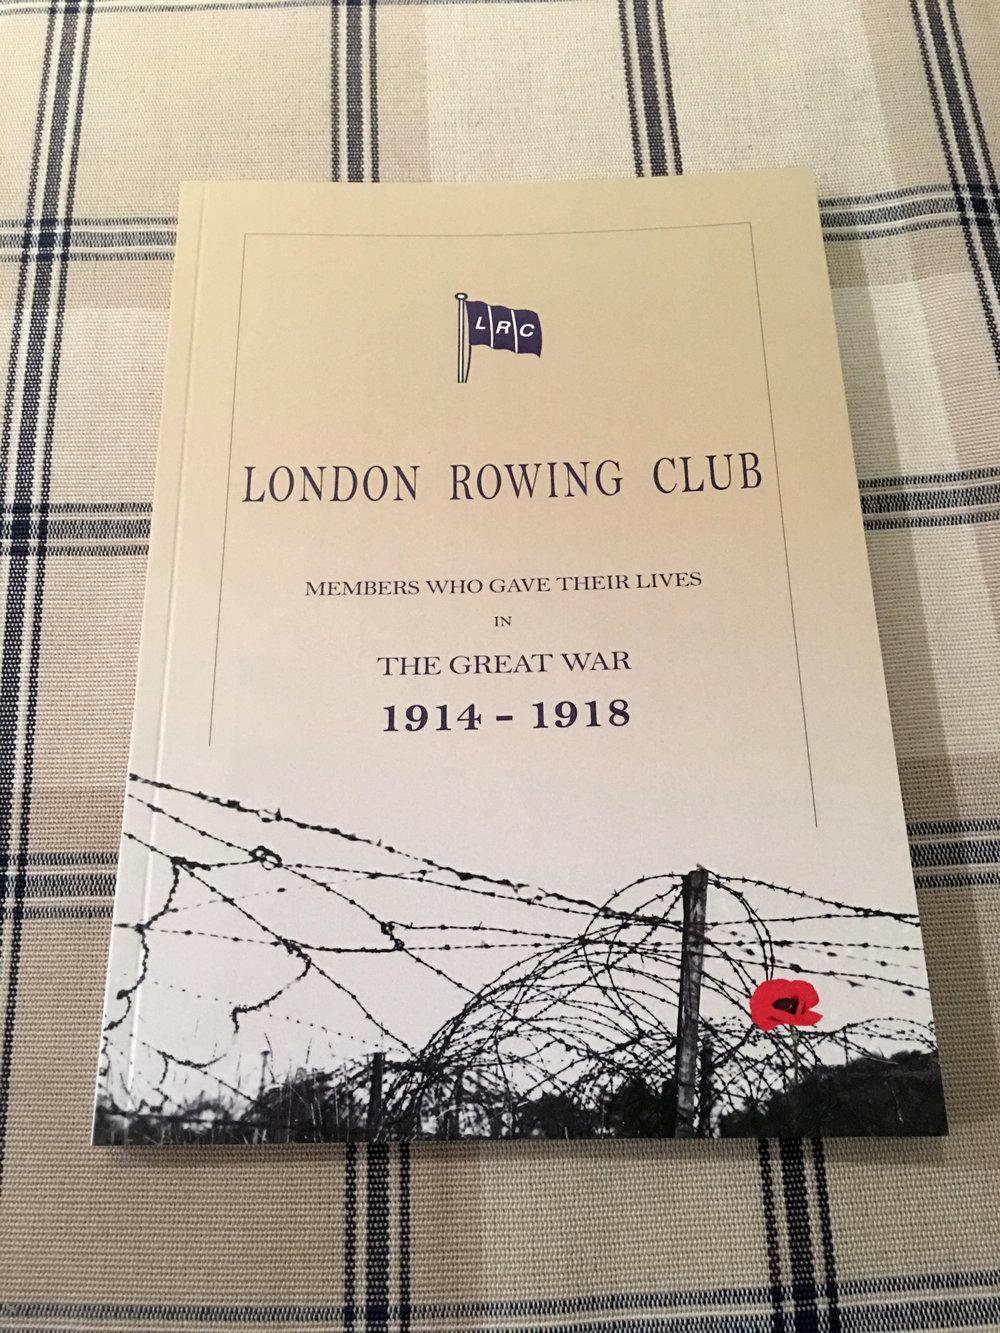 LondonRowingClub_TheGreatWarBook_1.jpg